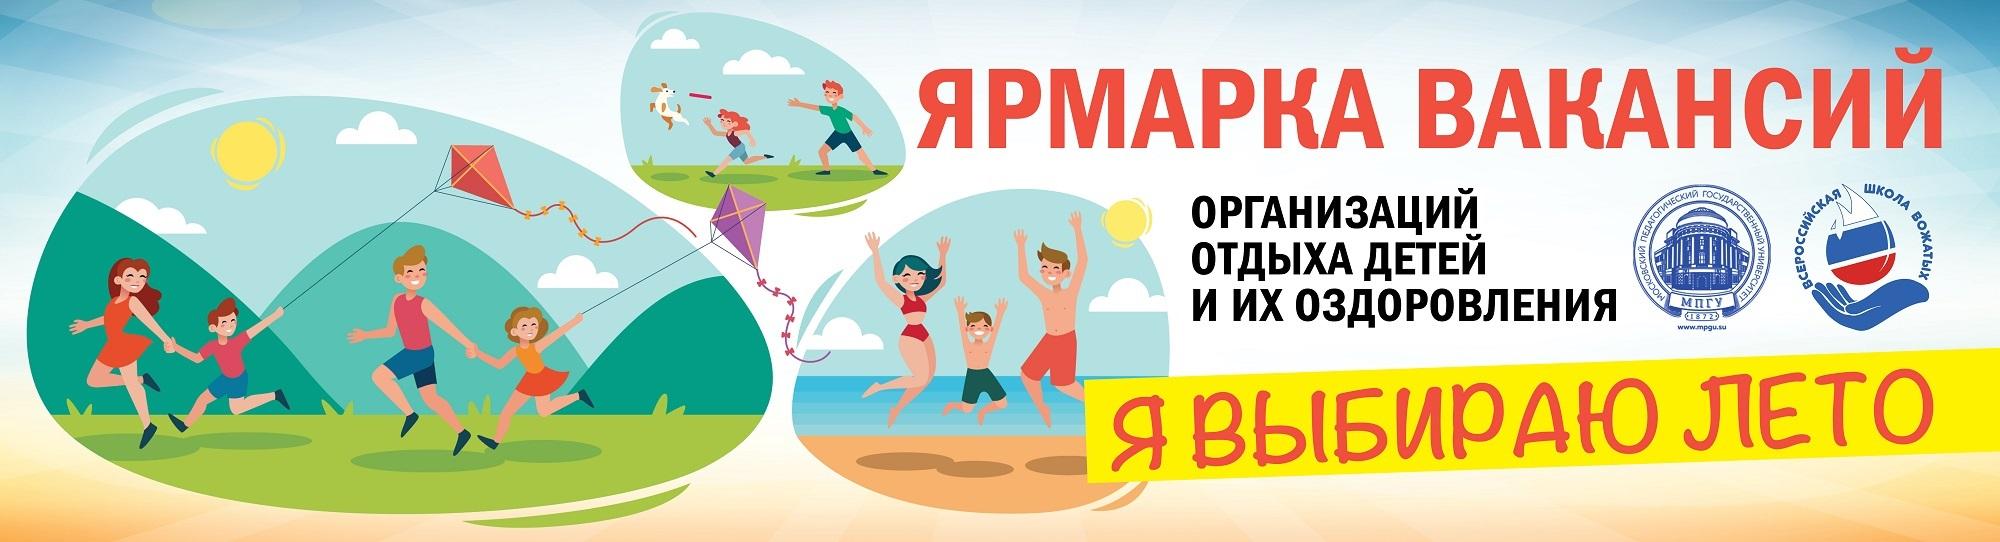 SUMMER_VOJATIY-1